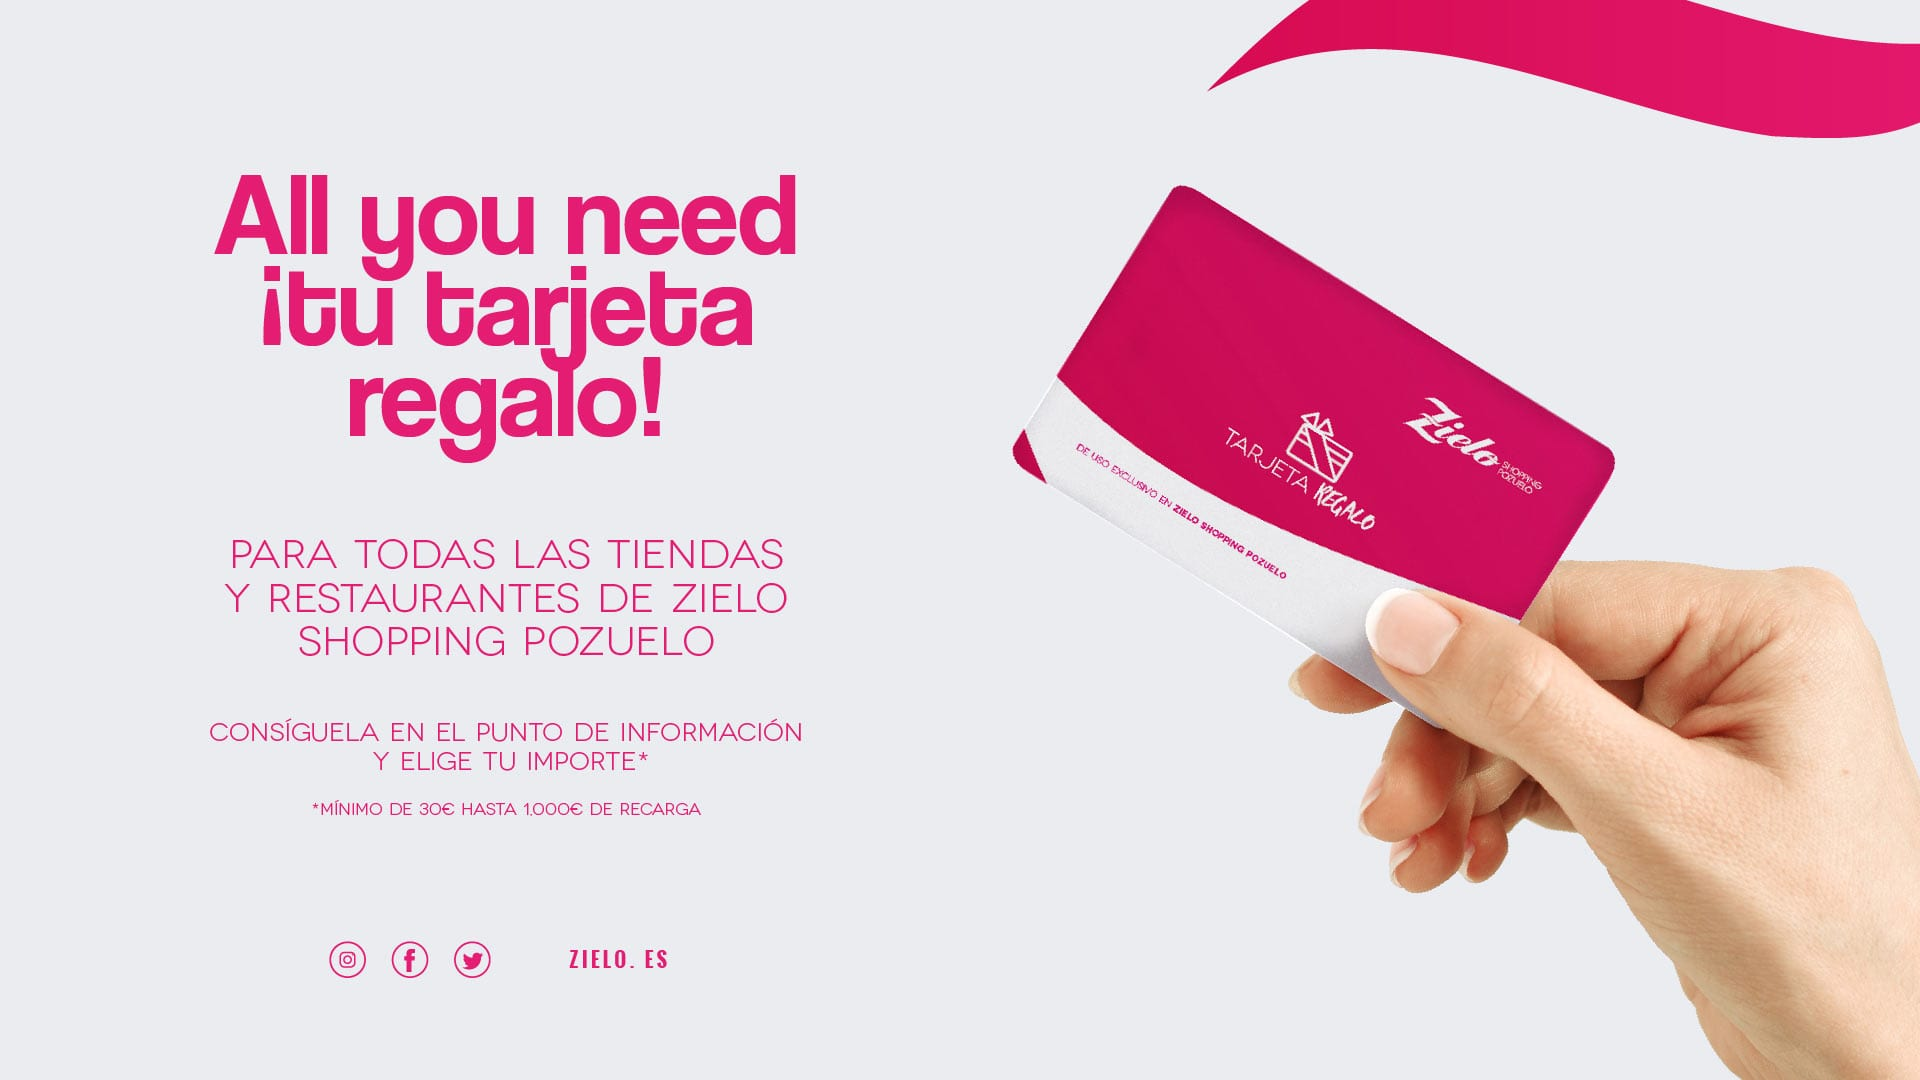 All You need ¡tu tarjeta regalo!